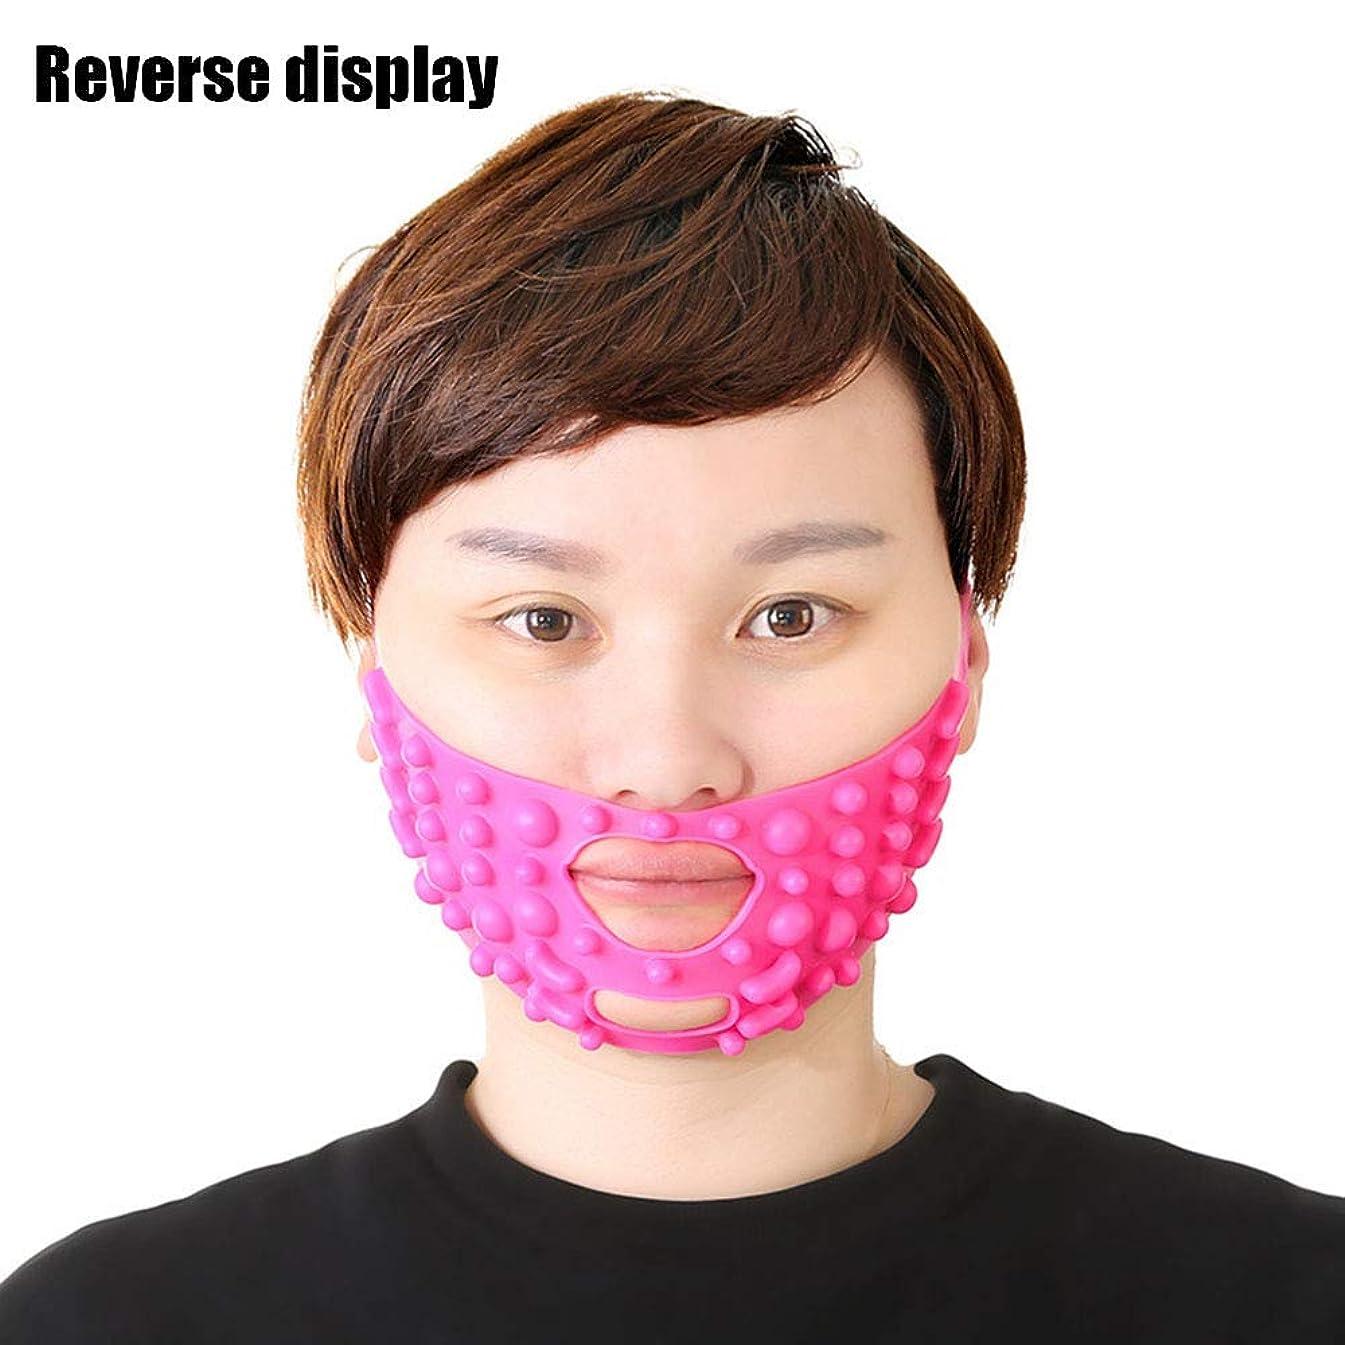 くそーファセット追跡フェイシャルマッサージ包帯、持ち上げ、引き締め、法則パターンを改善して小さなVフェイス/二重あごマスクを作成(ローズレッド)